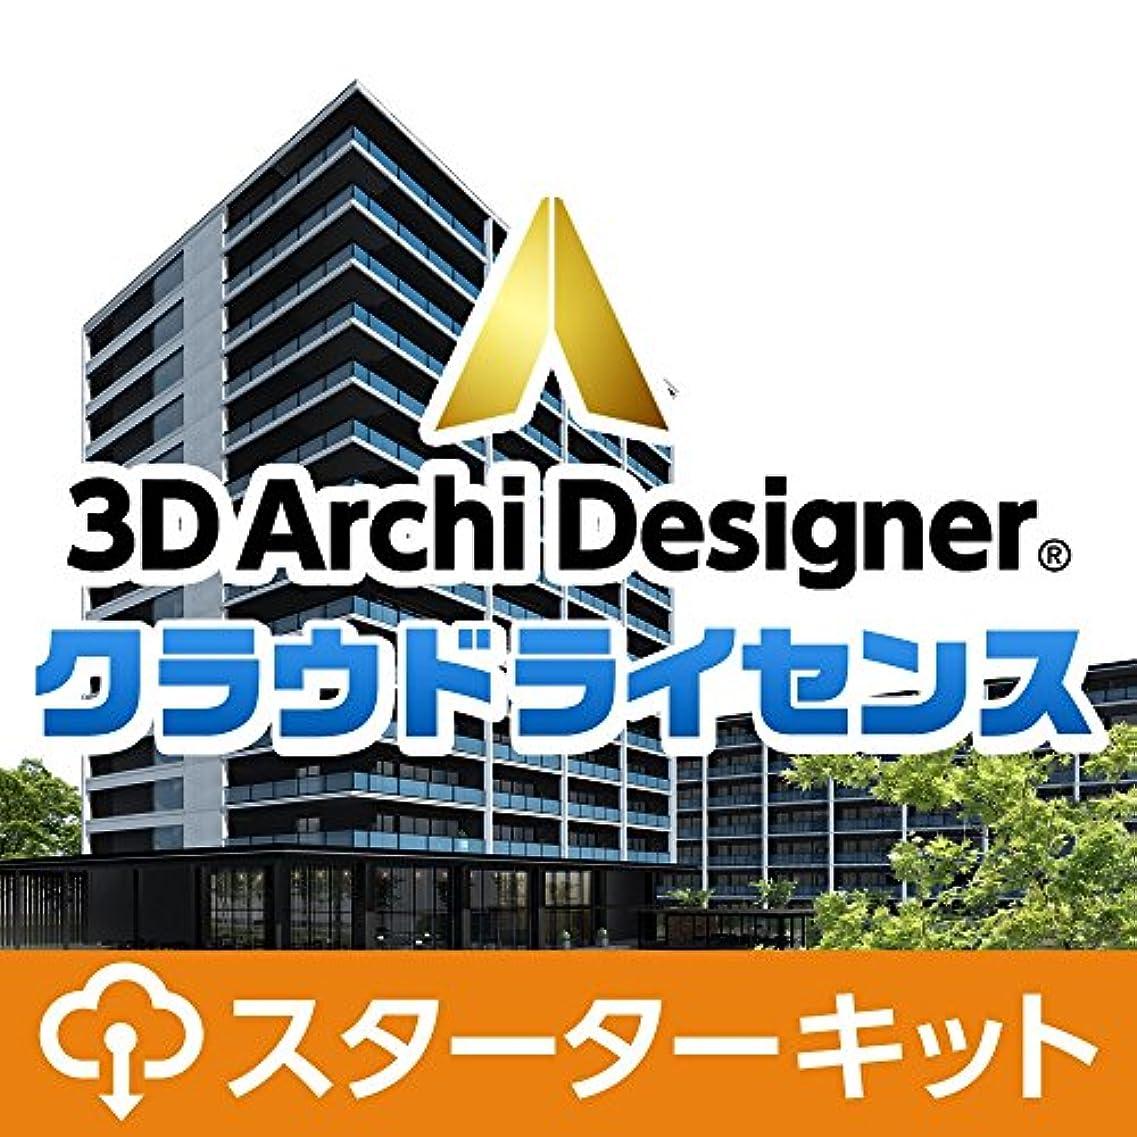 証明するうまショップ3Dアーキデザイナー10 Professional クラウドライセンス スターターキット(365日)|ダウンロード版